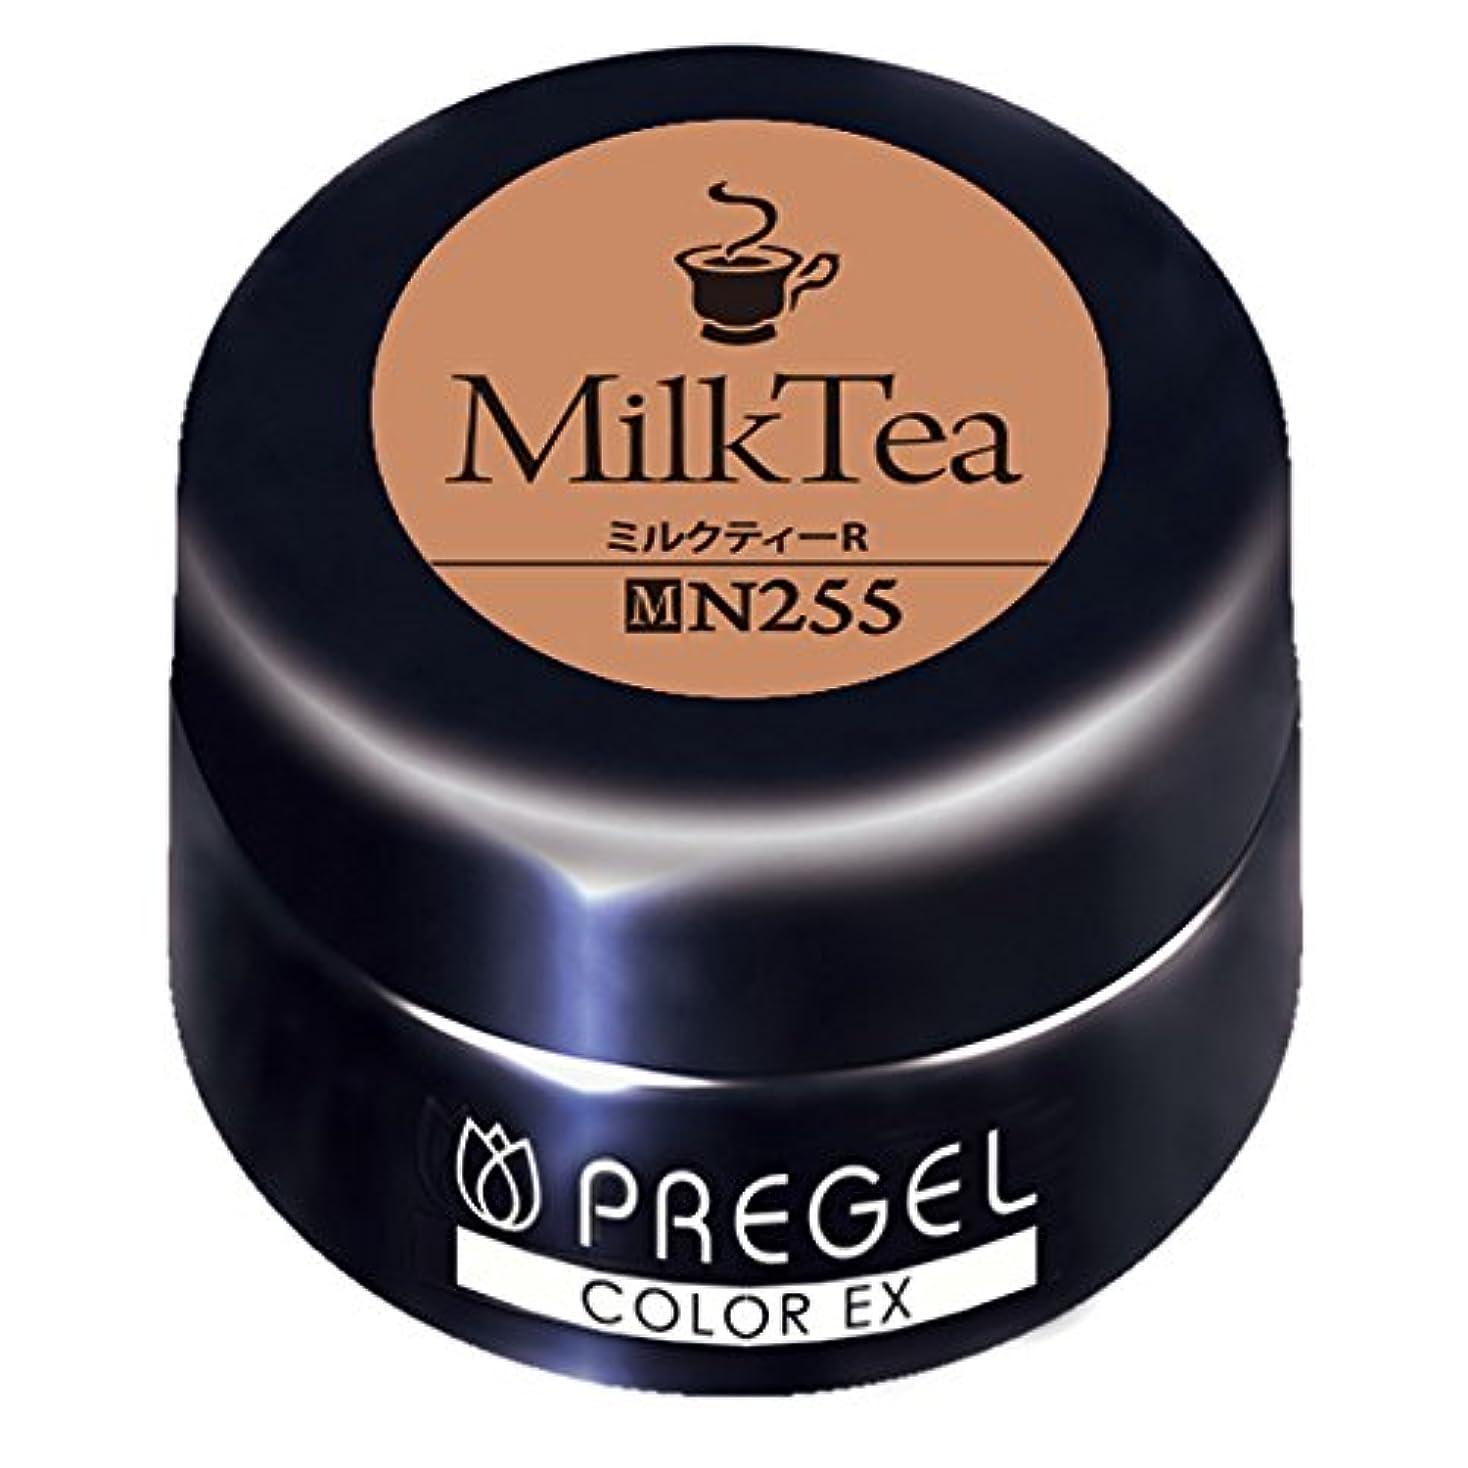 ベース約束する雄大なPRE GEL カラージェル カラーEX ミルクティー R255 3g UV/LED対応タイオウ